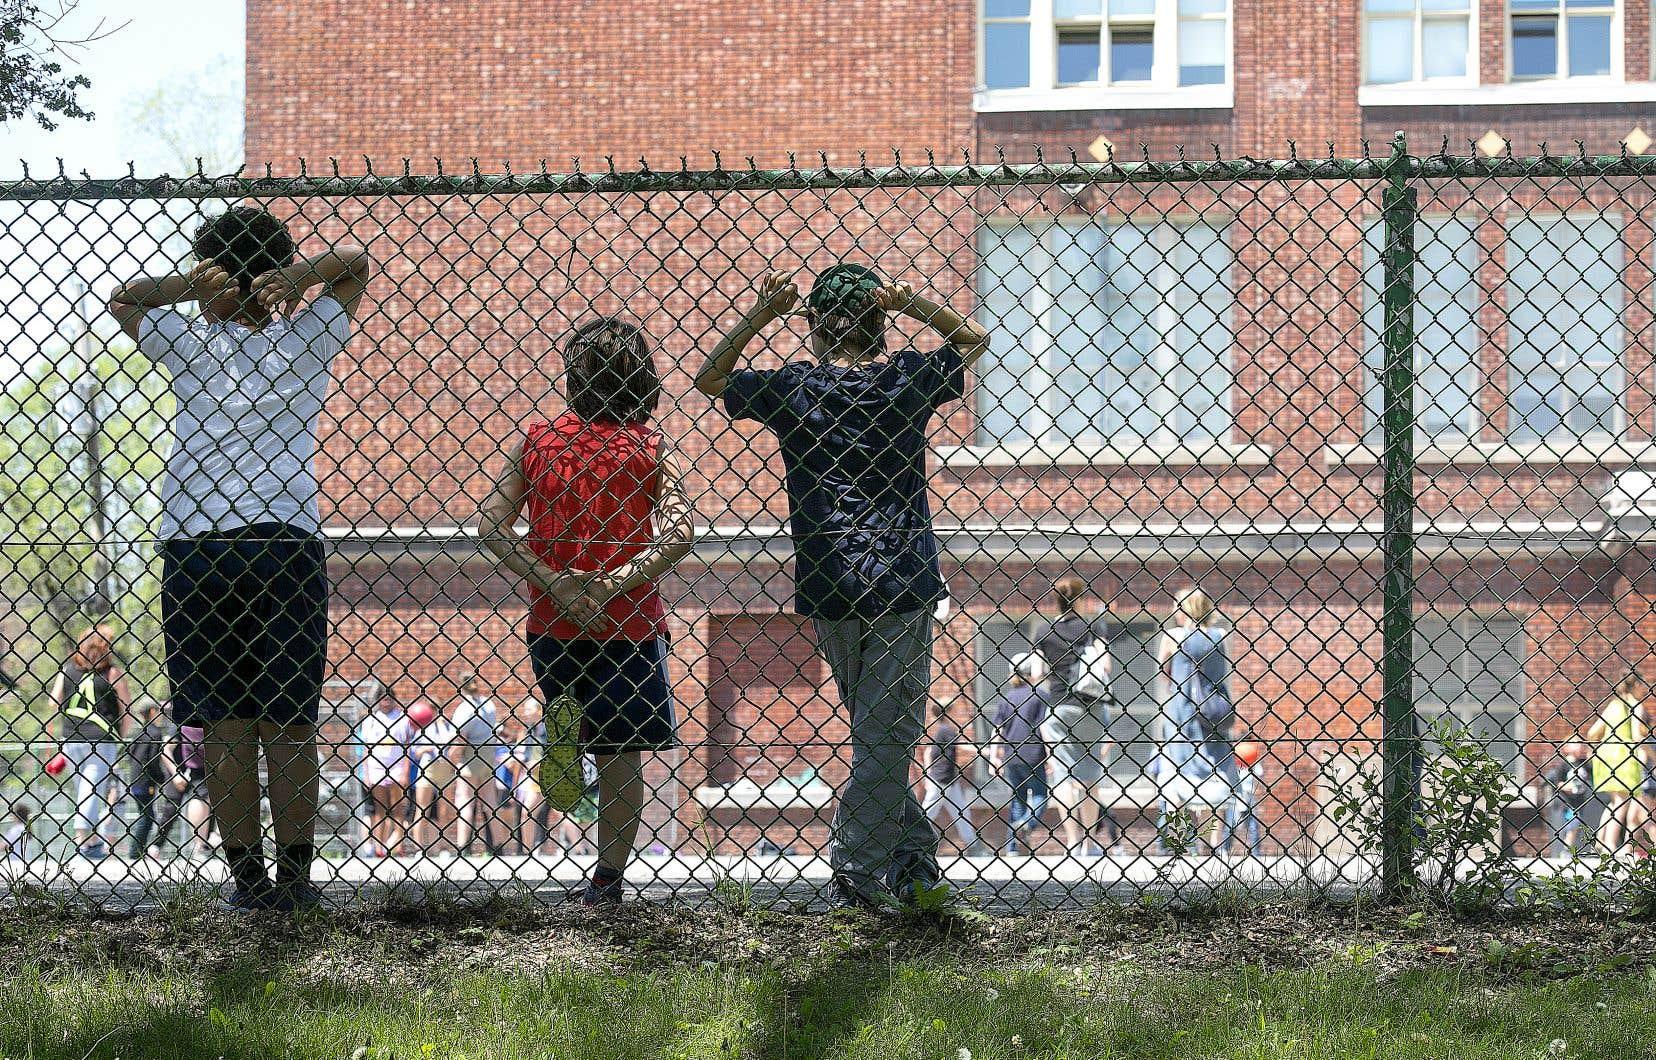 Pour l'année scolaire à venir, les horaires de récréation seront construits de manière à ce que tous les élèves ne se côtoient pas en même temps. Le masque ne sera pas obligatoire dans la cour extérieure.